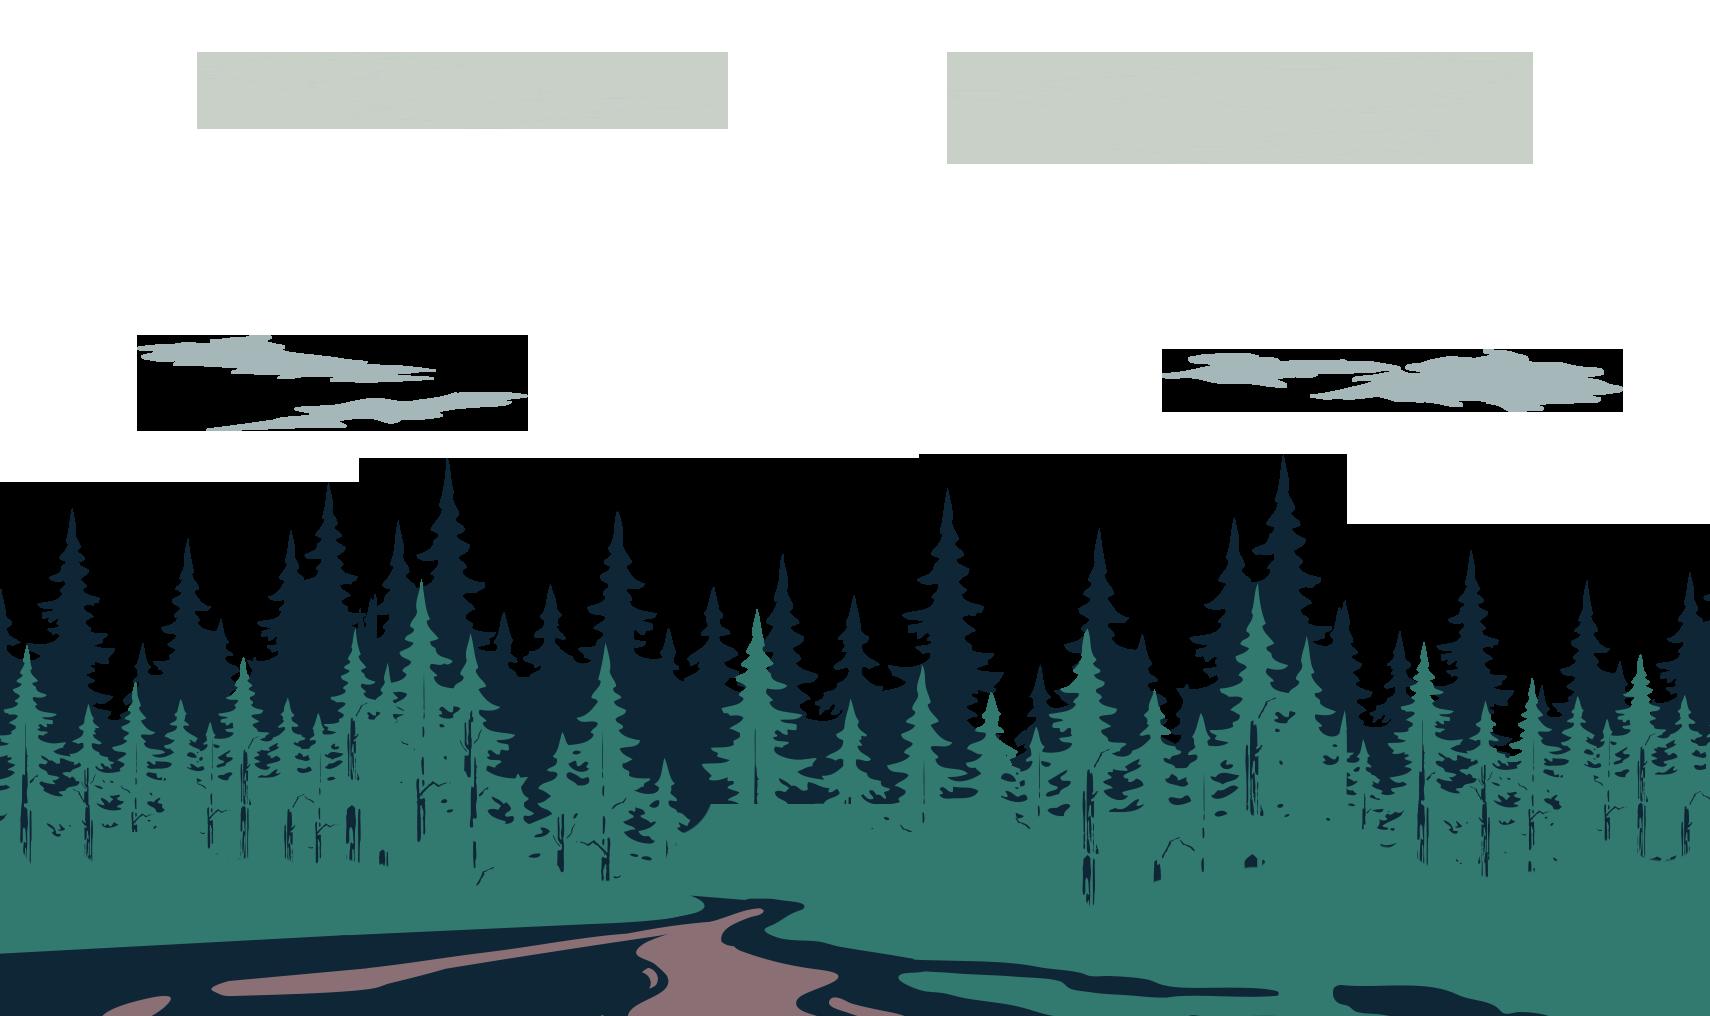 숲, 구름 배경